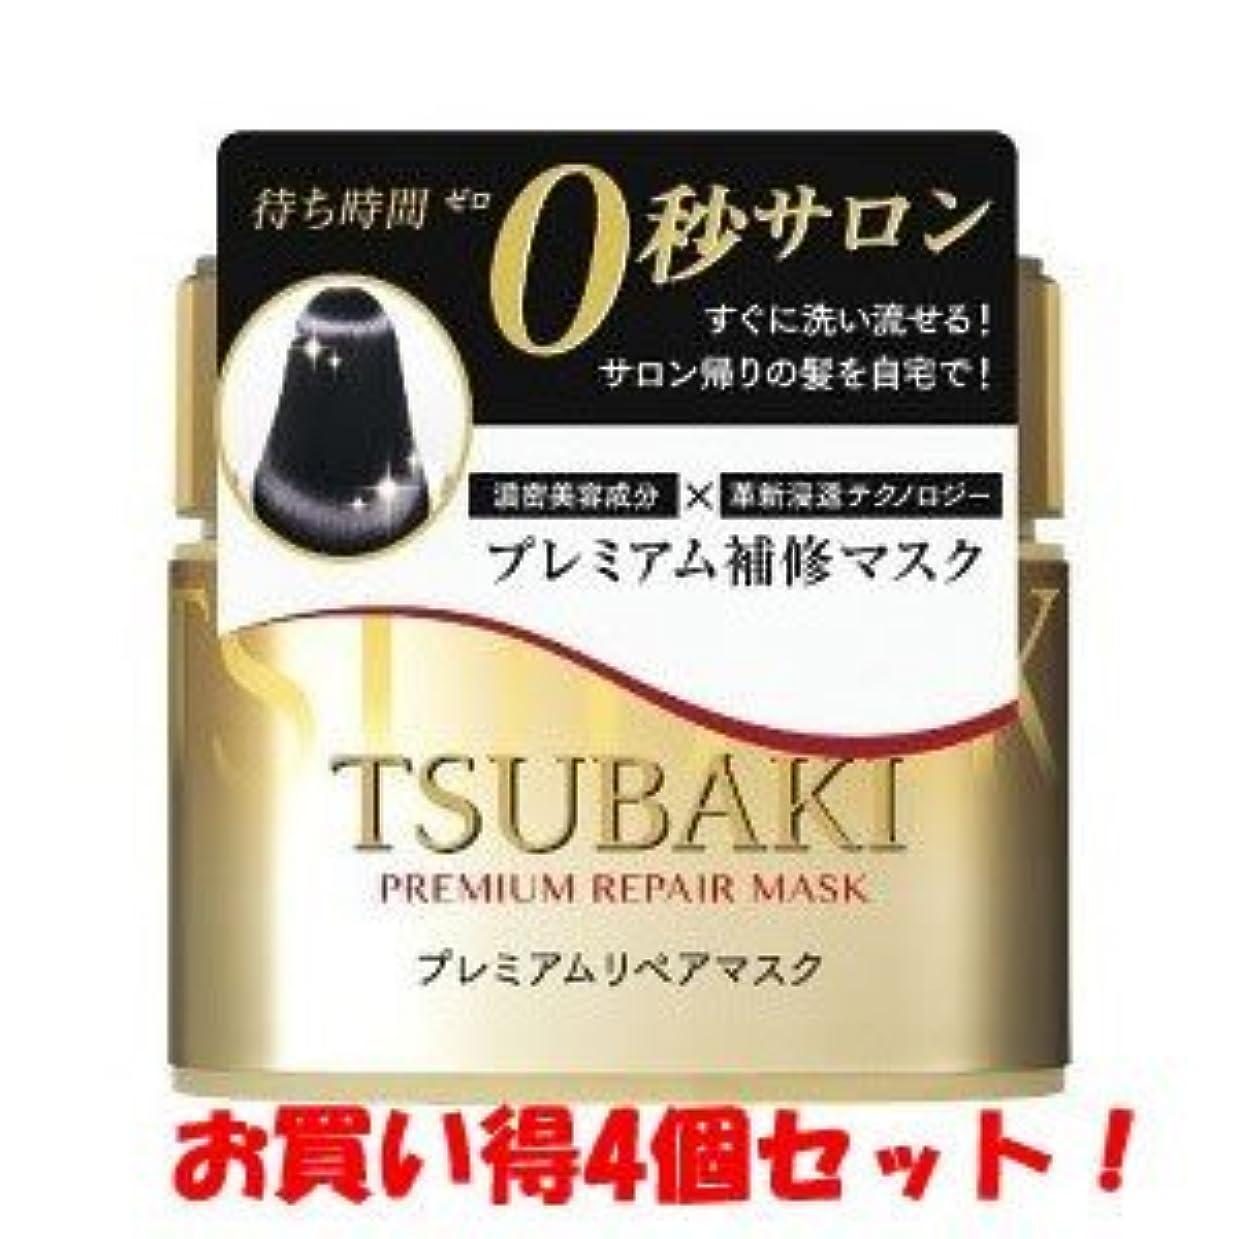 (2017年の新商品)(資生堂)ツバキ(TSUBAKI) プレミアムリペアマスク 180g(お買い得4個セット)